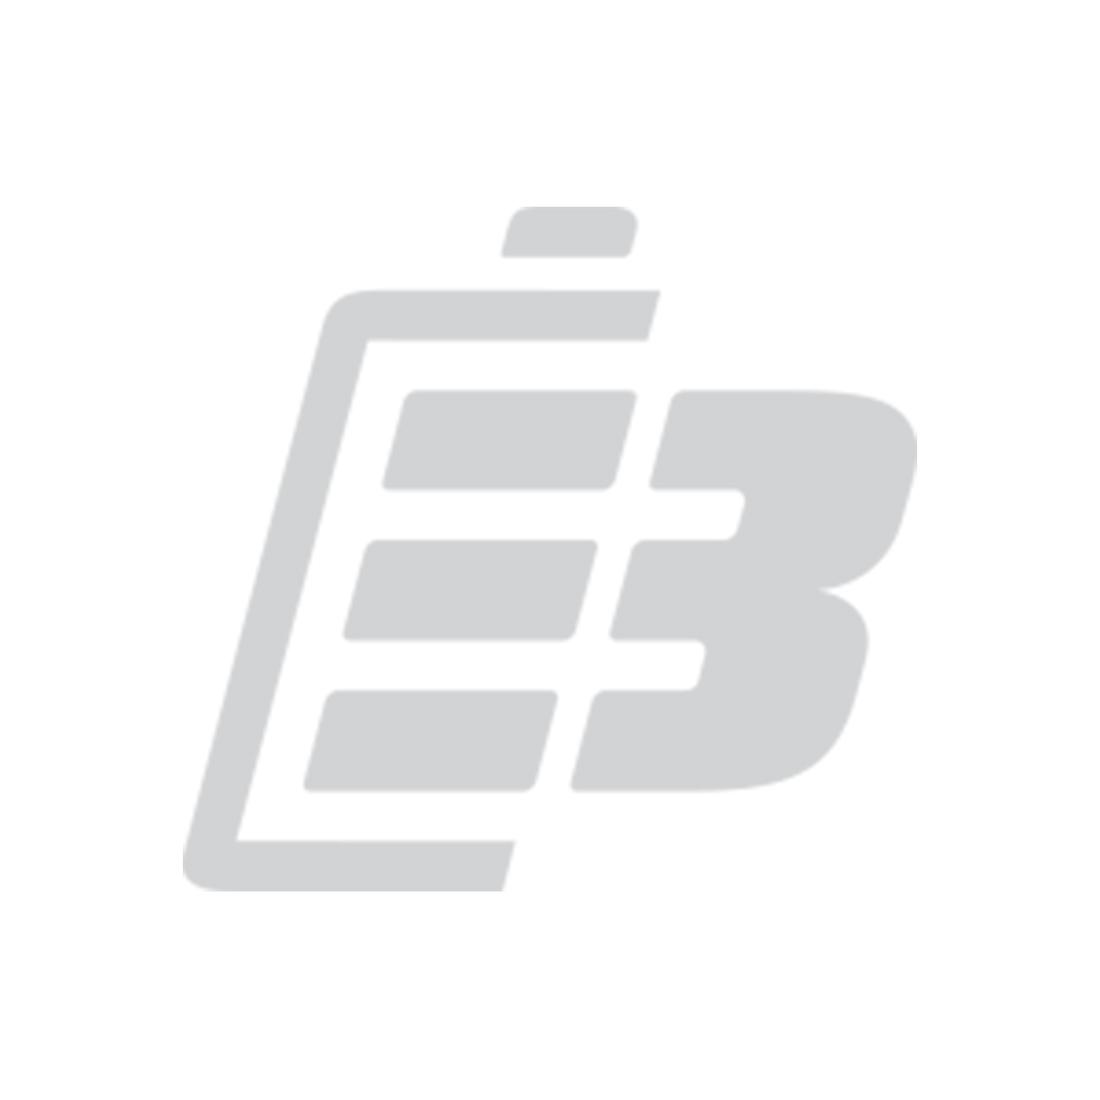 Barcode scanner battery Intermec CK3_1